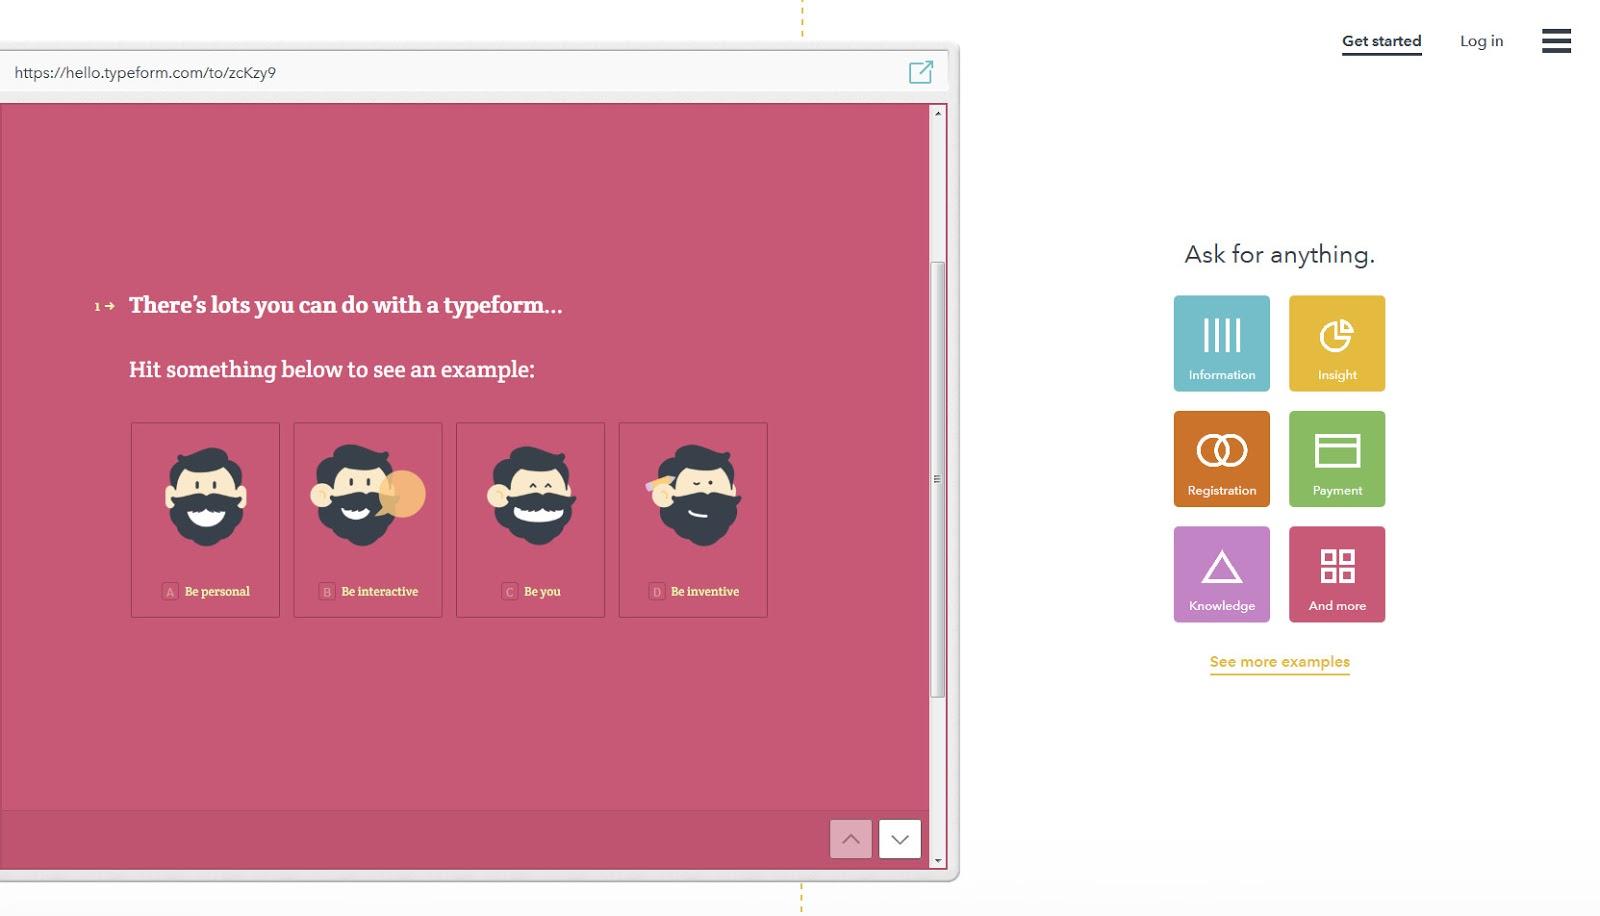 Иллюстрация к статье: 12 примеров лендингов со сложными продуктами для интернет-маркетинга